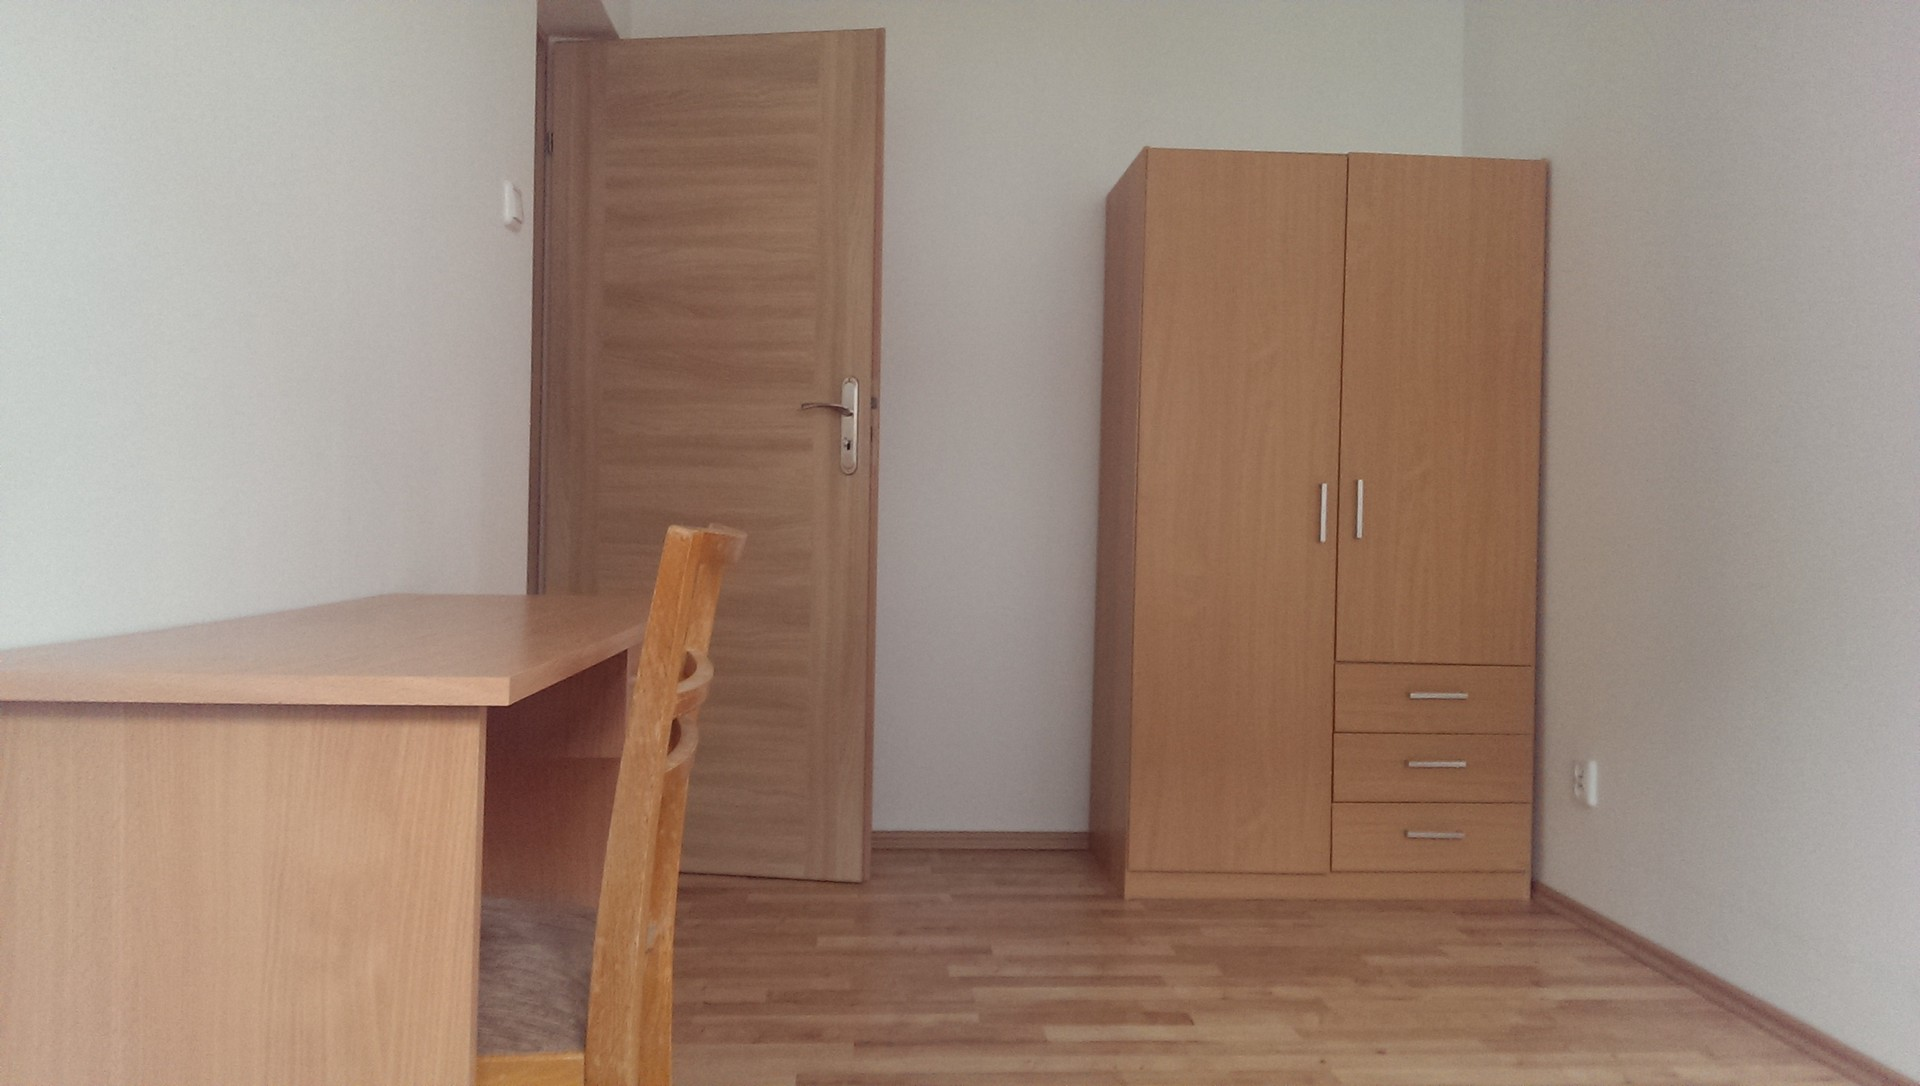 private-room-new-building-f986b4b5ebb31e